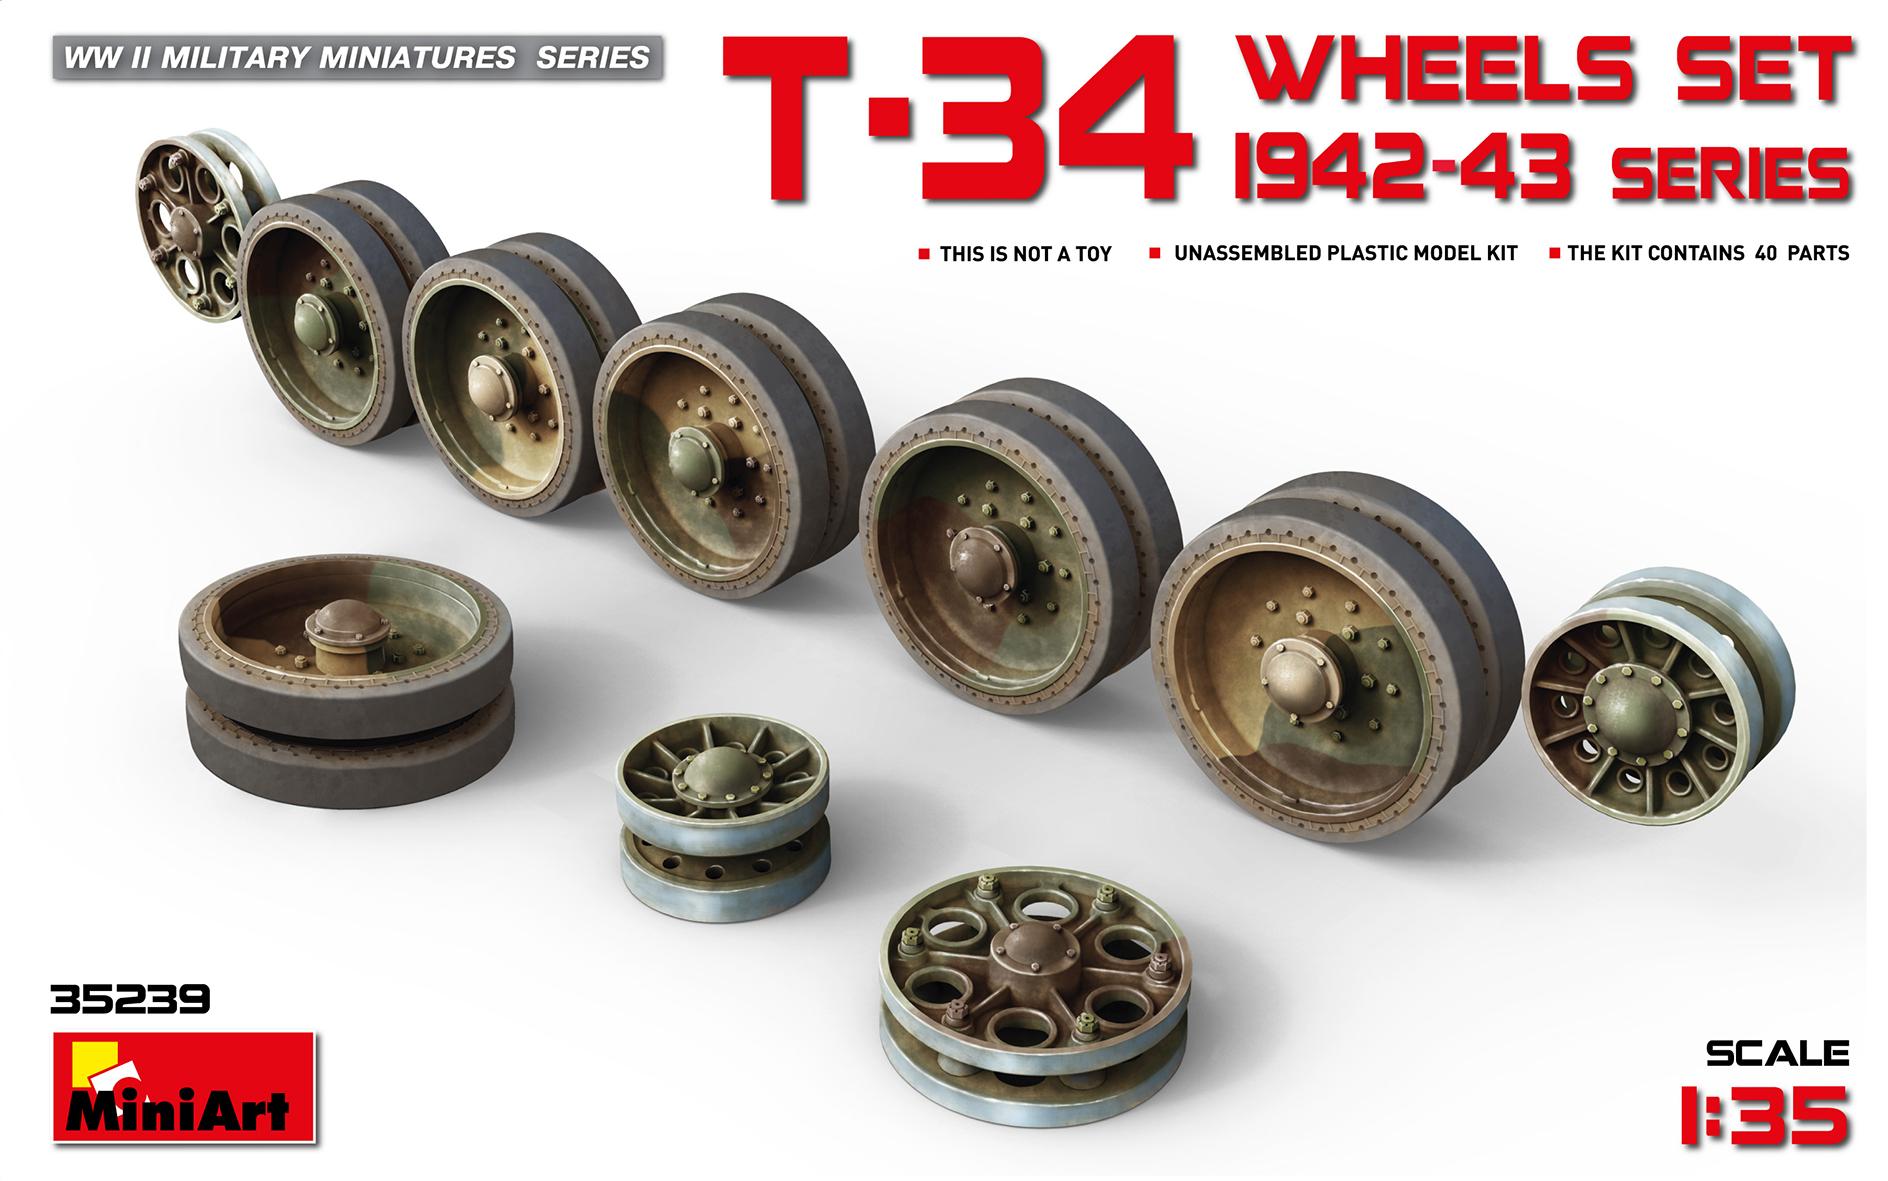 35239 Набор катков для танка Т-34. 1942-43 г. выпусков.